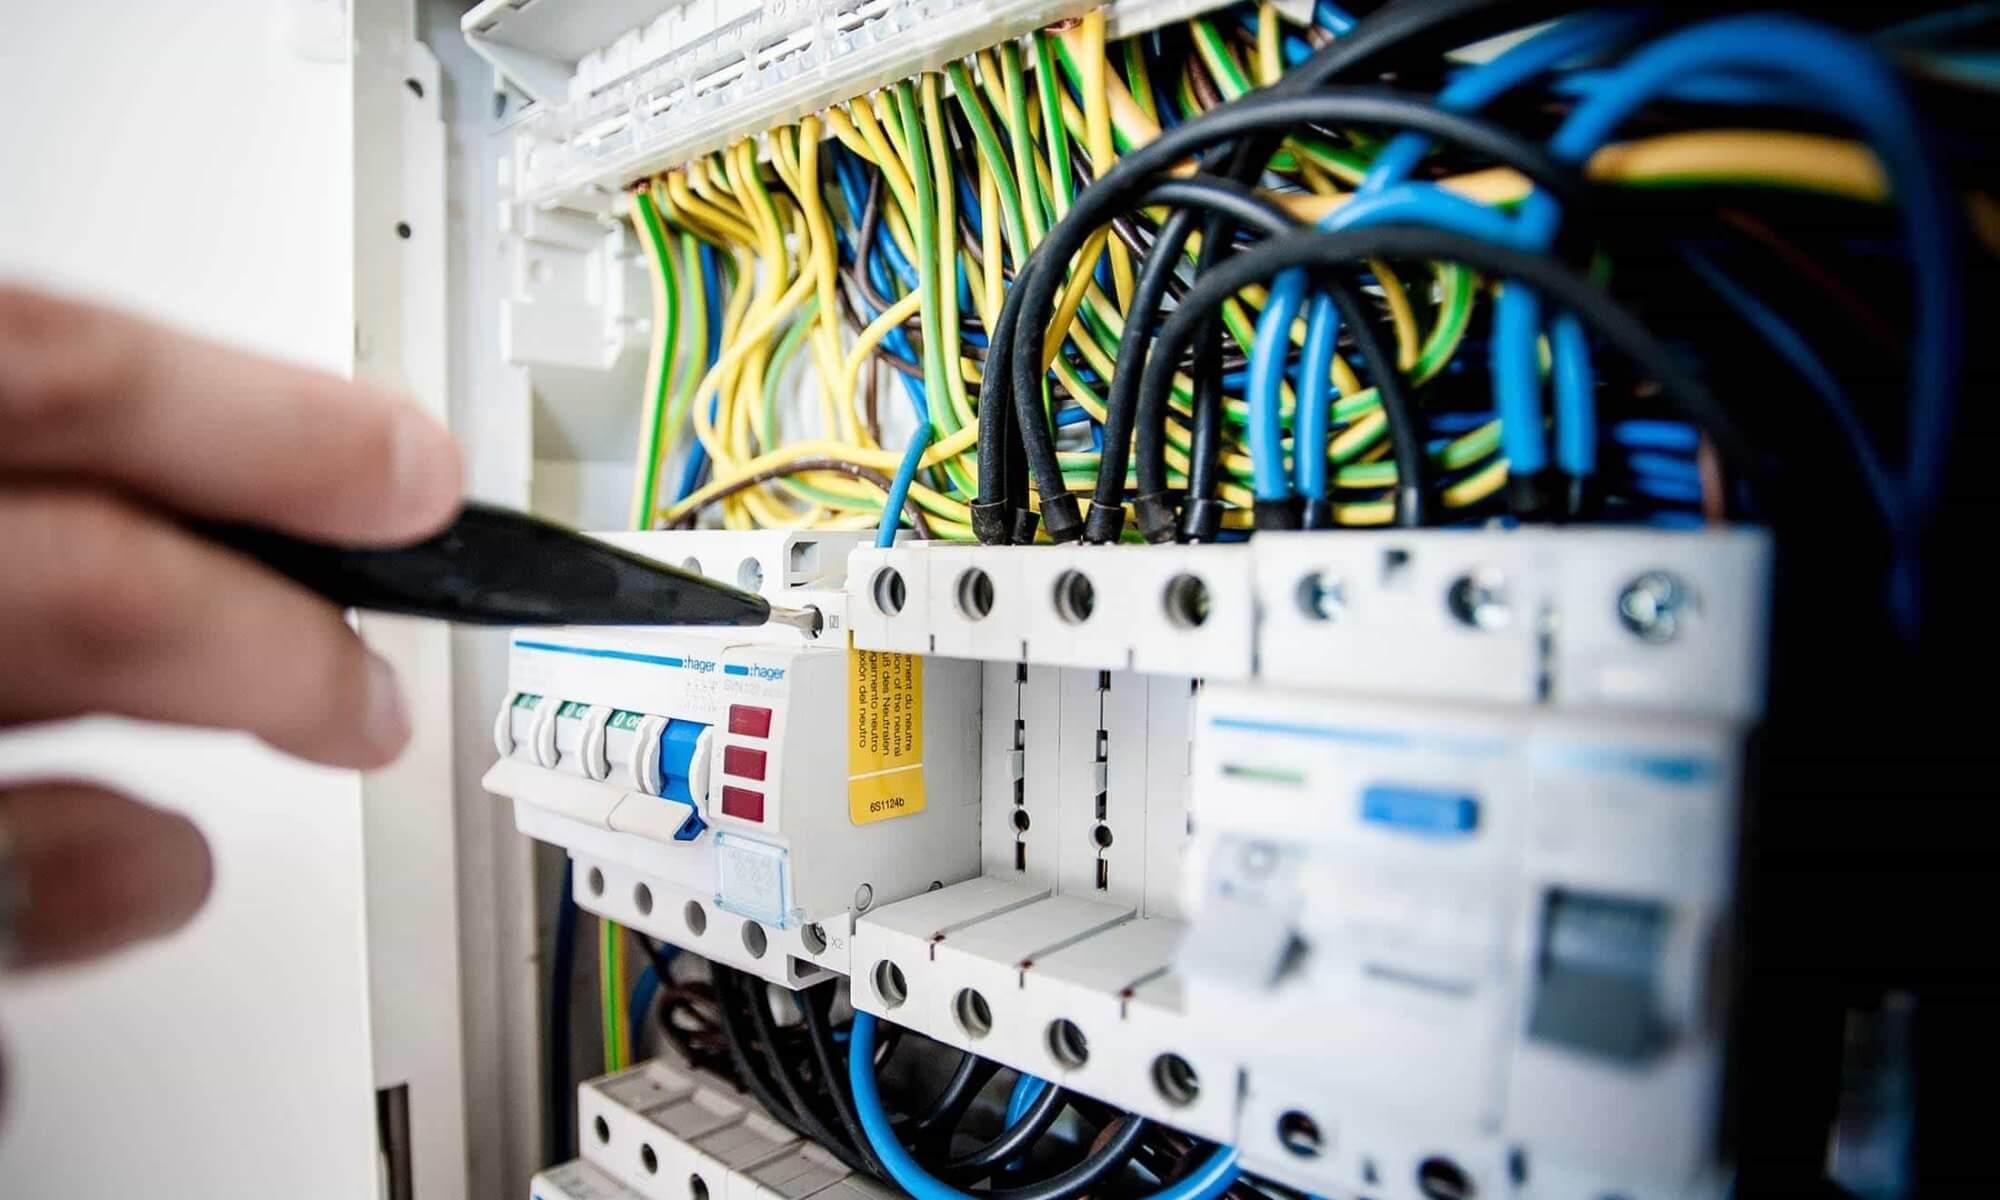 Elektromontáže elektroinstalace a elektrikářské práce